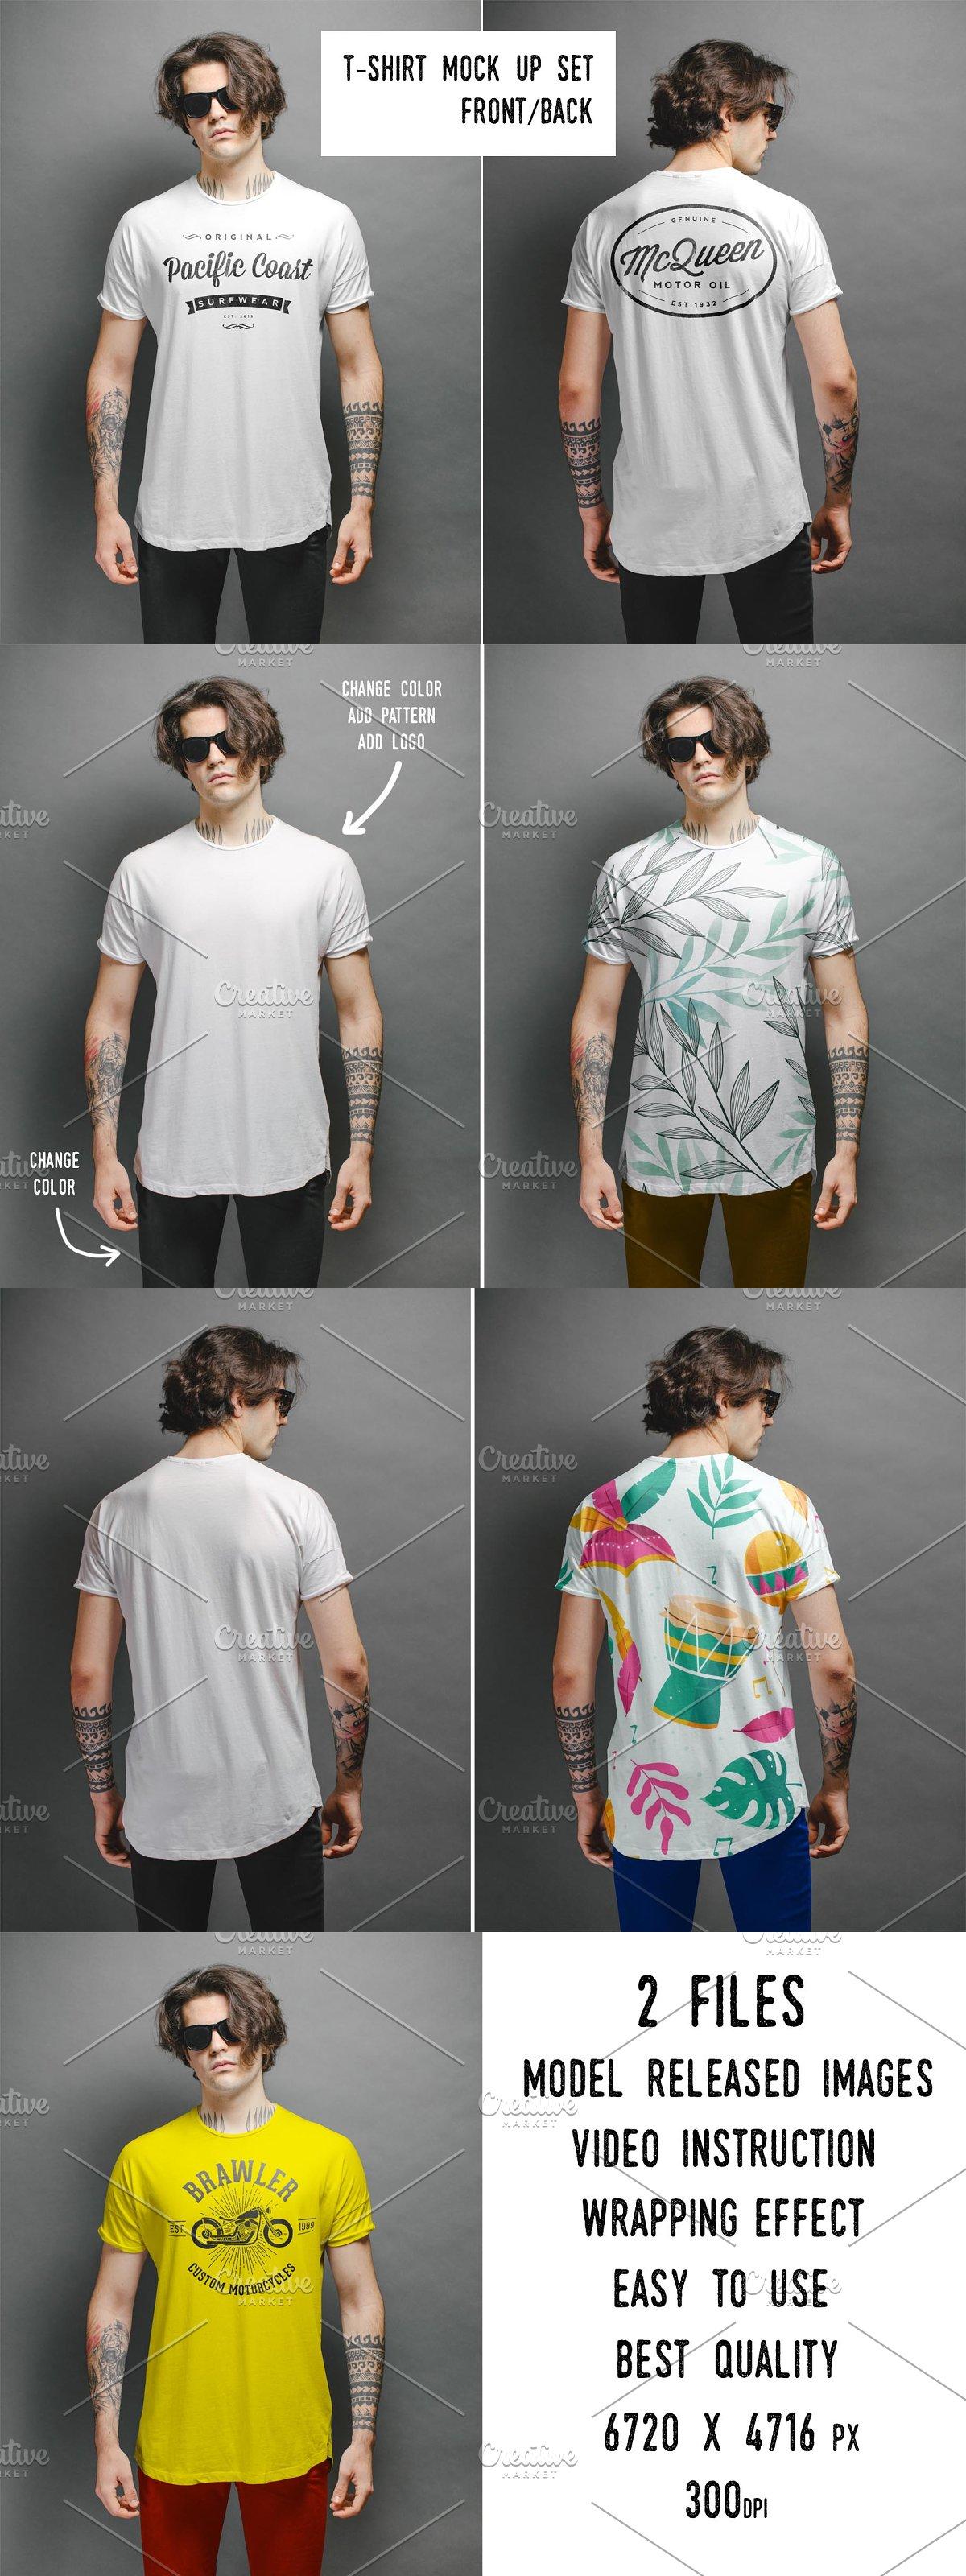 T Shirt Mockup Front And Back 3 In 2021 Shirt Mockup Tshirt Mockup Shirt Mock Up